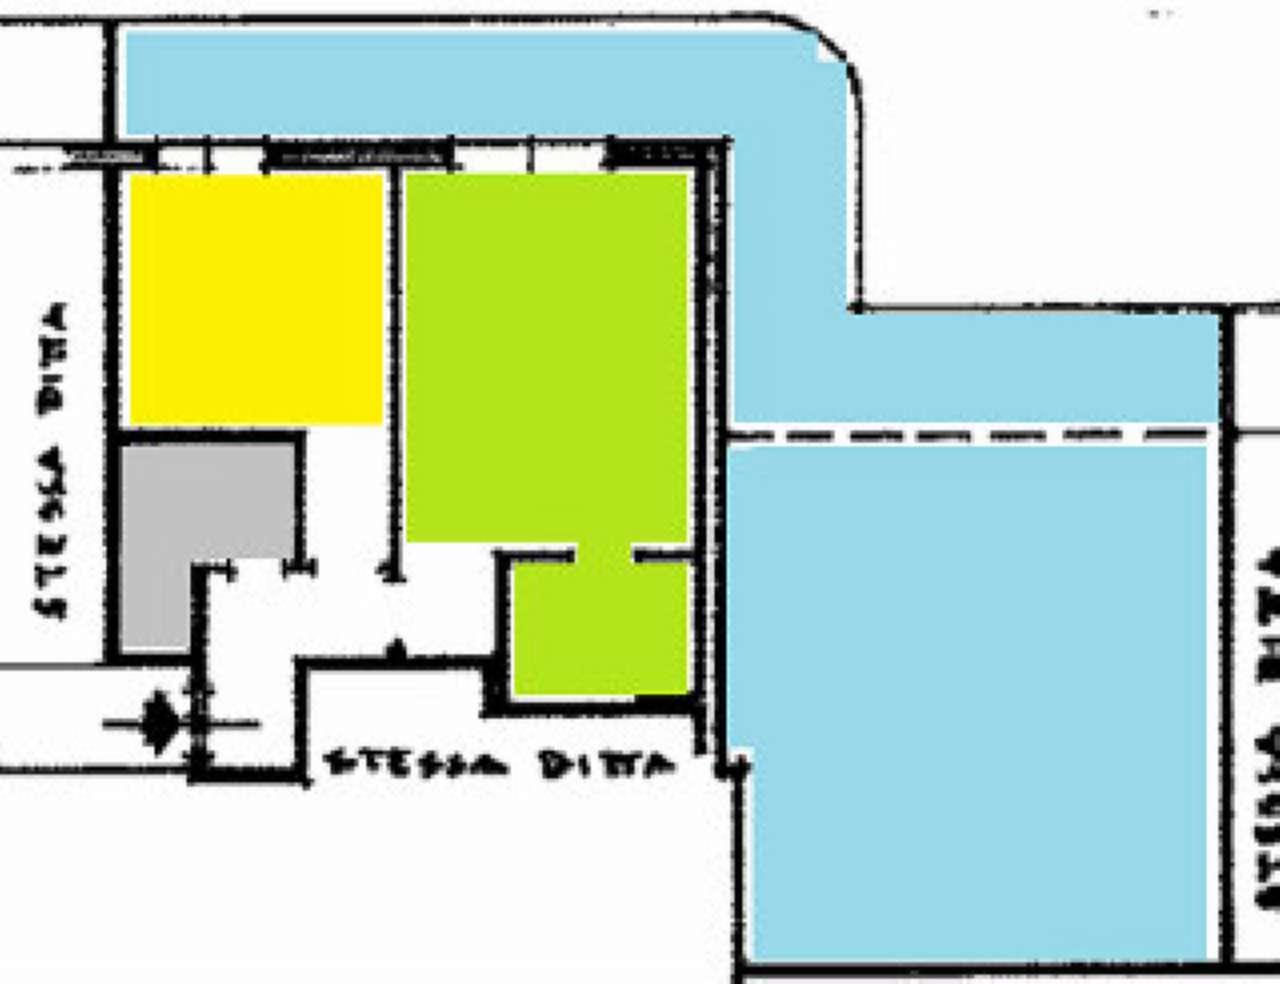 Appartamento in vendita a Loano, 2 locali, prezzo € 250.000 | CambioCasa.it